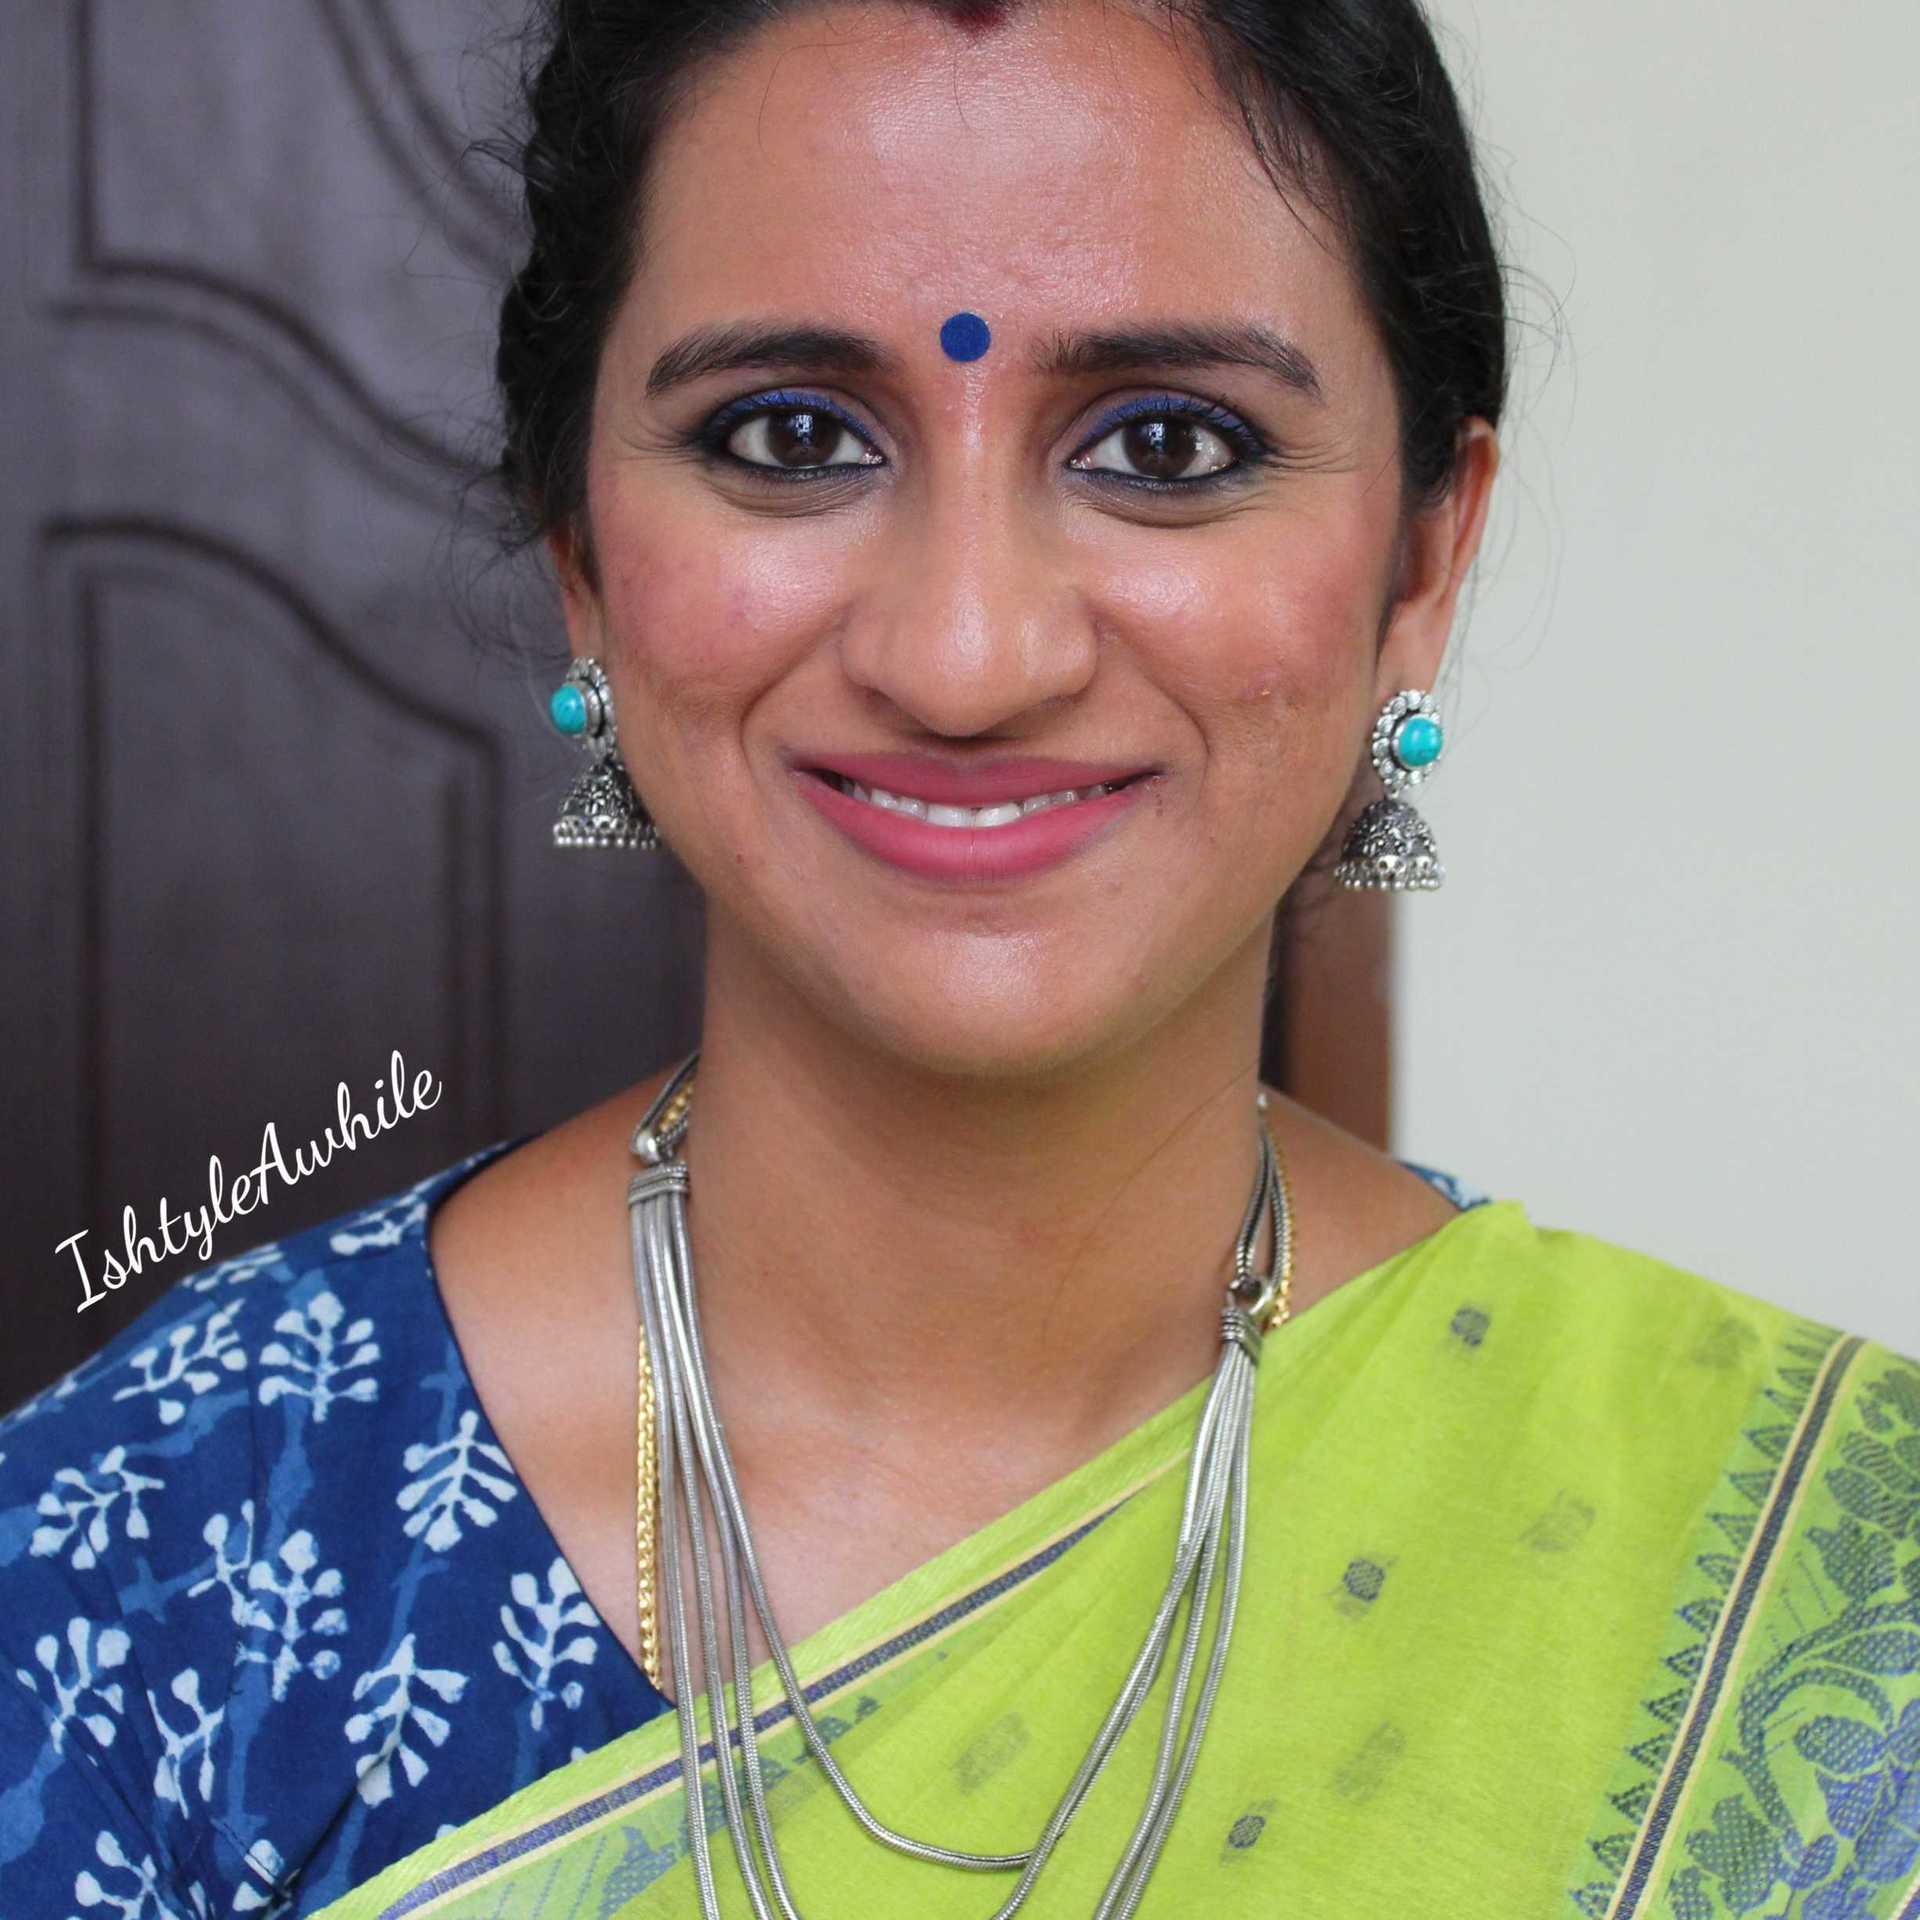 IshtyleAwhile - chennai beauty blogger ishtyleawhile